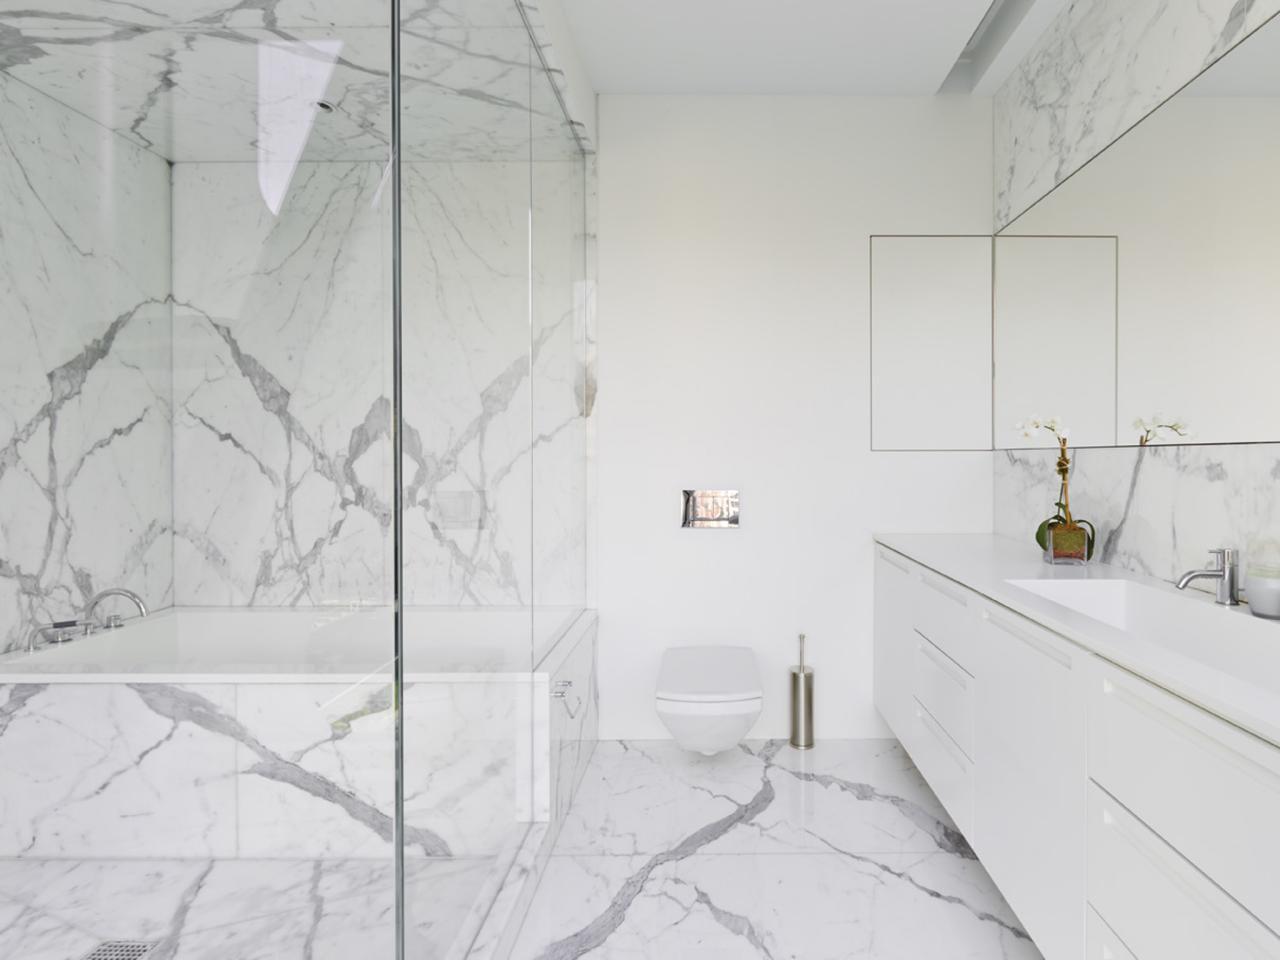 Ristrutturare il bagno: quanto costa?